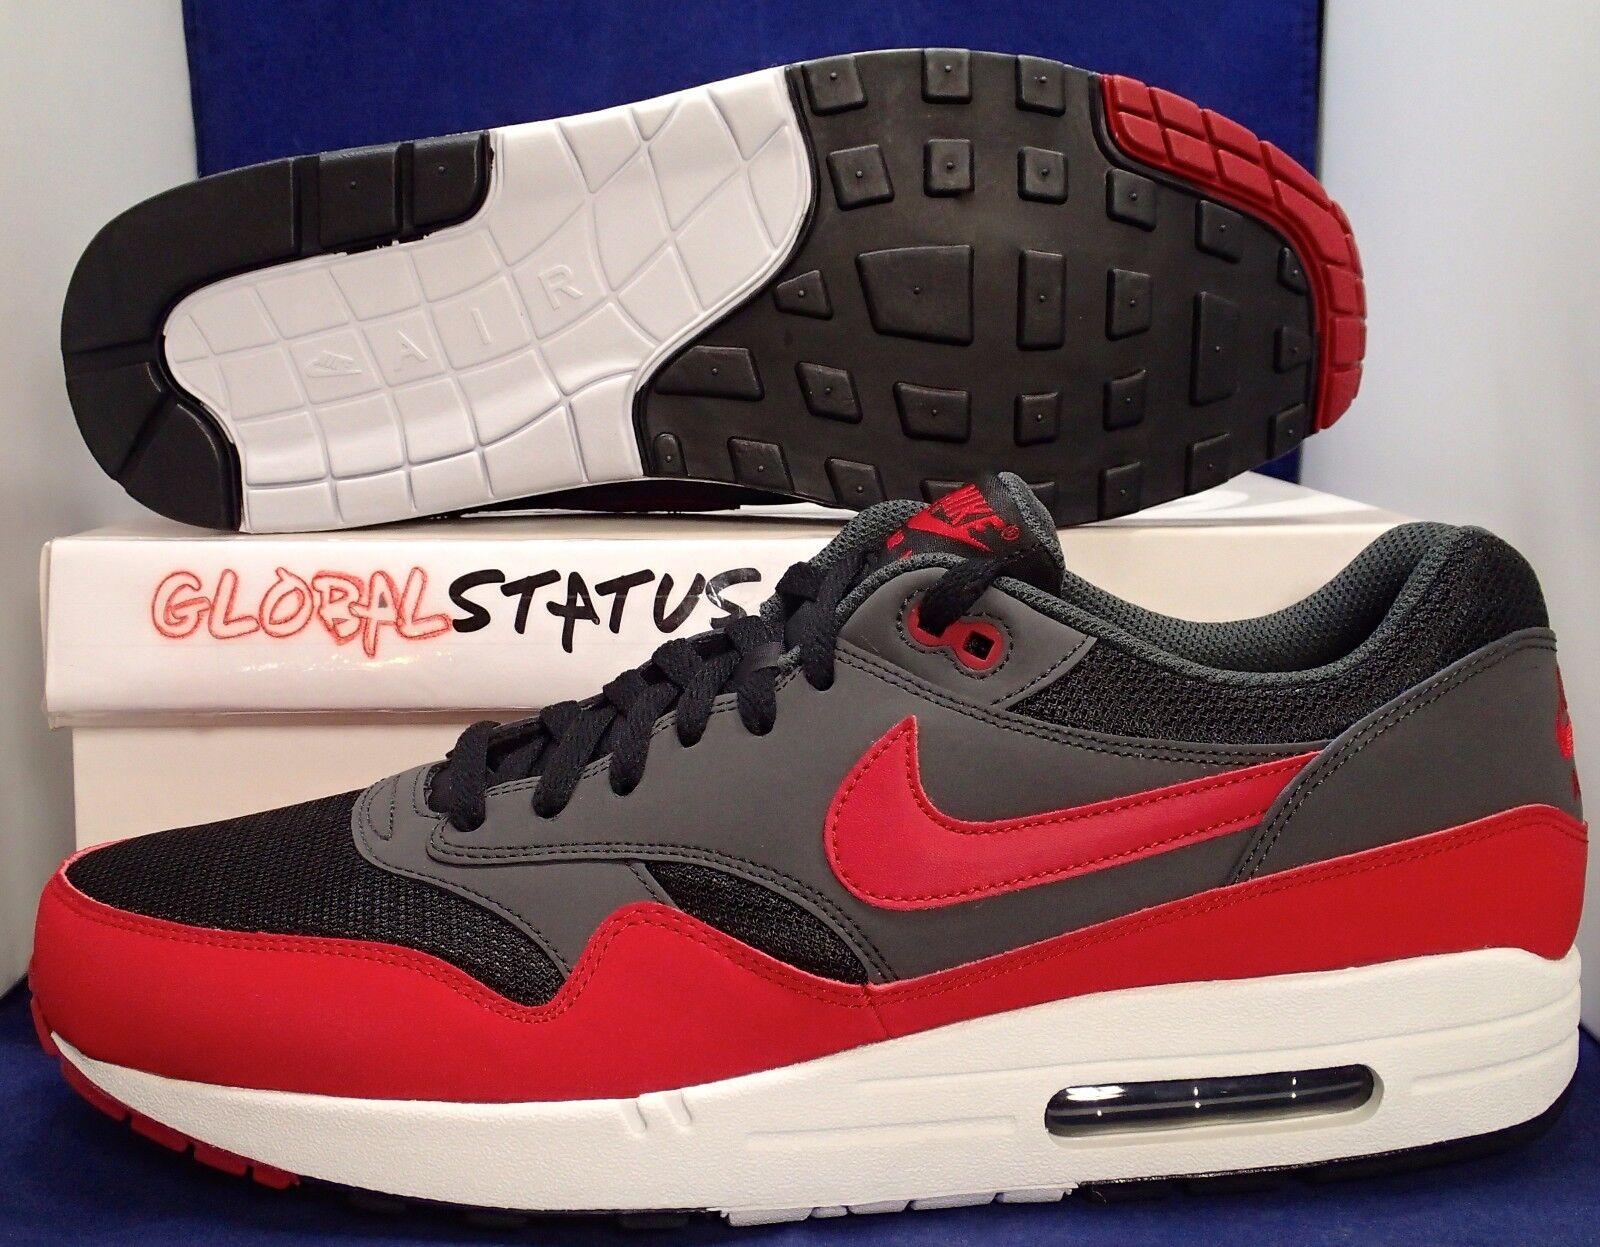 2012 la nike air max 1 essenziale di razza nera Uomo palestra scarpe rosse 537383 061 numero 13